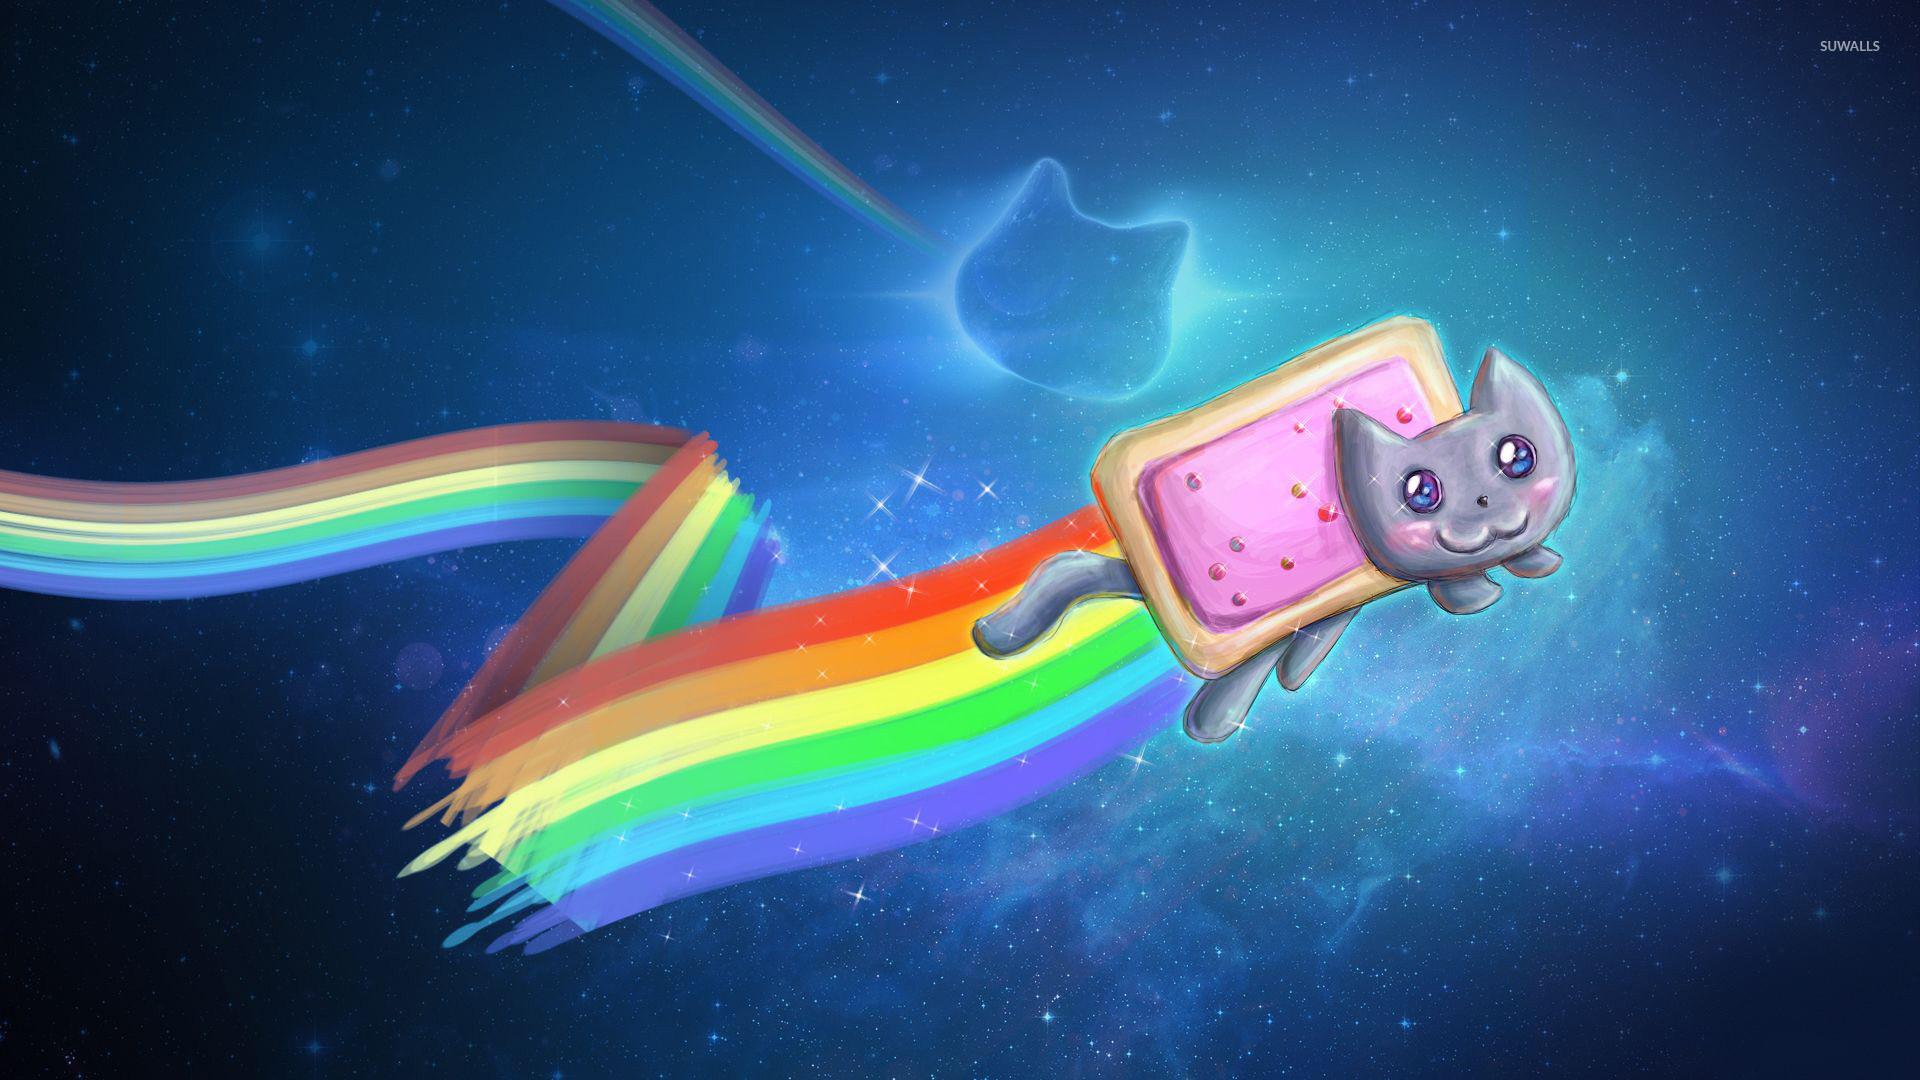 Nyan Cat wallpaper · Memes · Nyan Cat · …